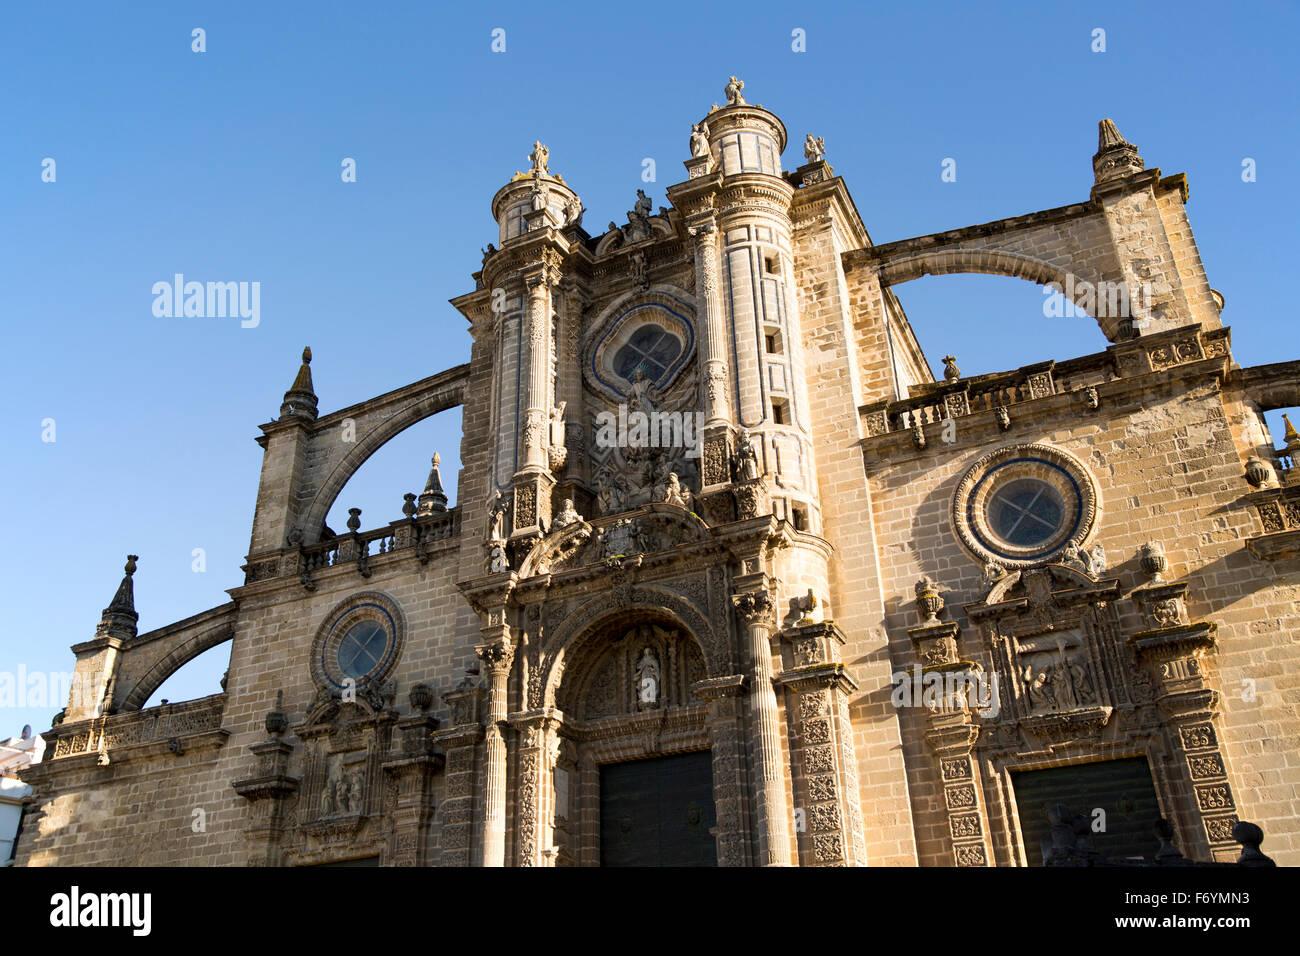 Kathedrale Kirche in Jerez de la Frontera, Provinz Cadiz, Spanien Stockbild